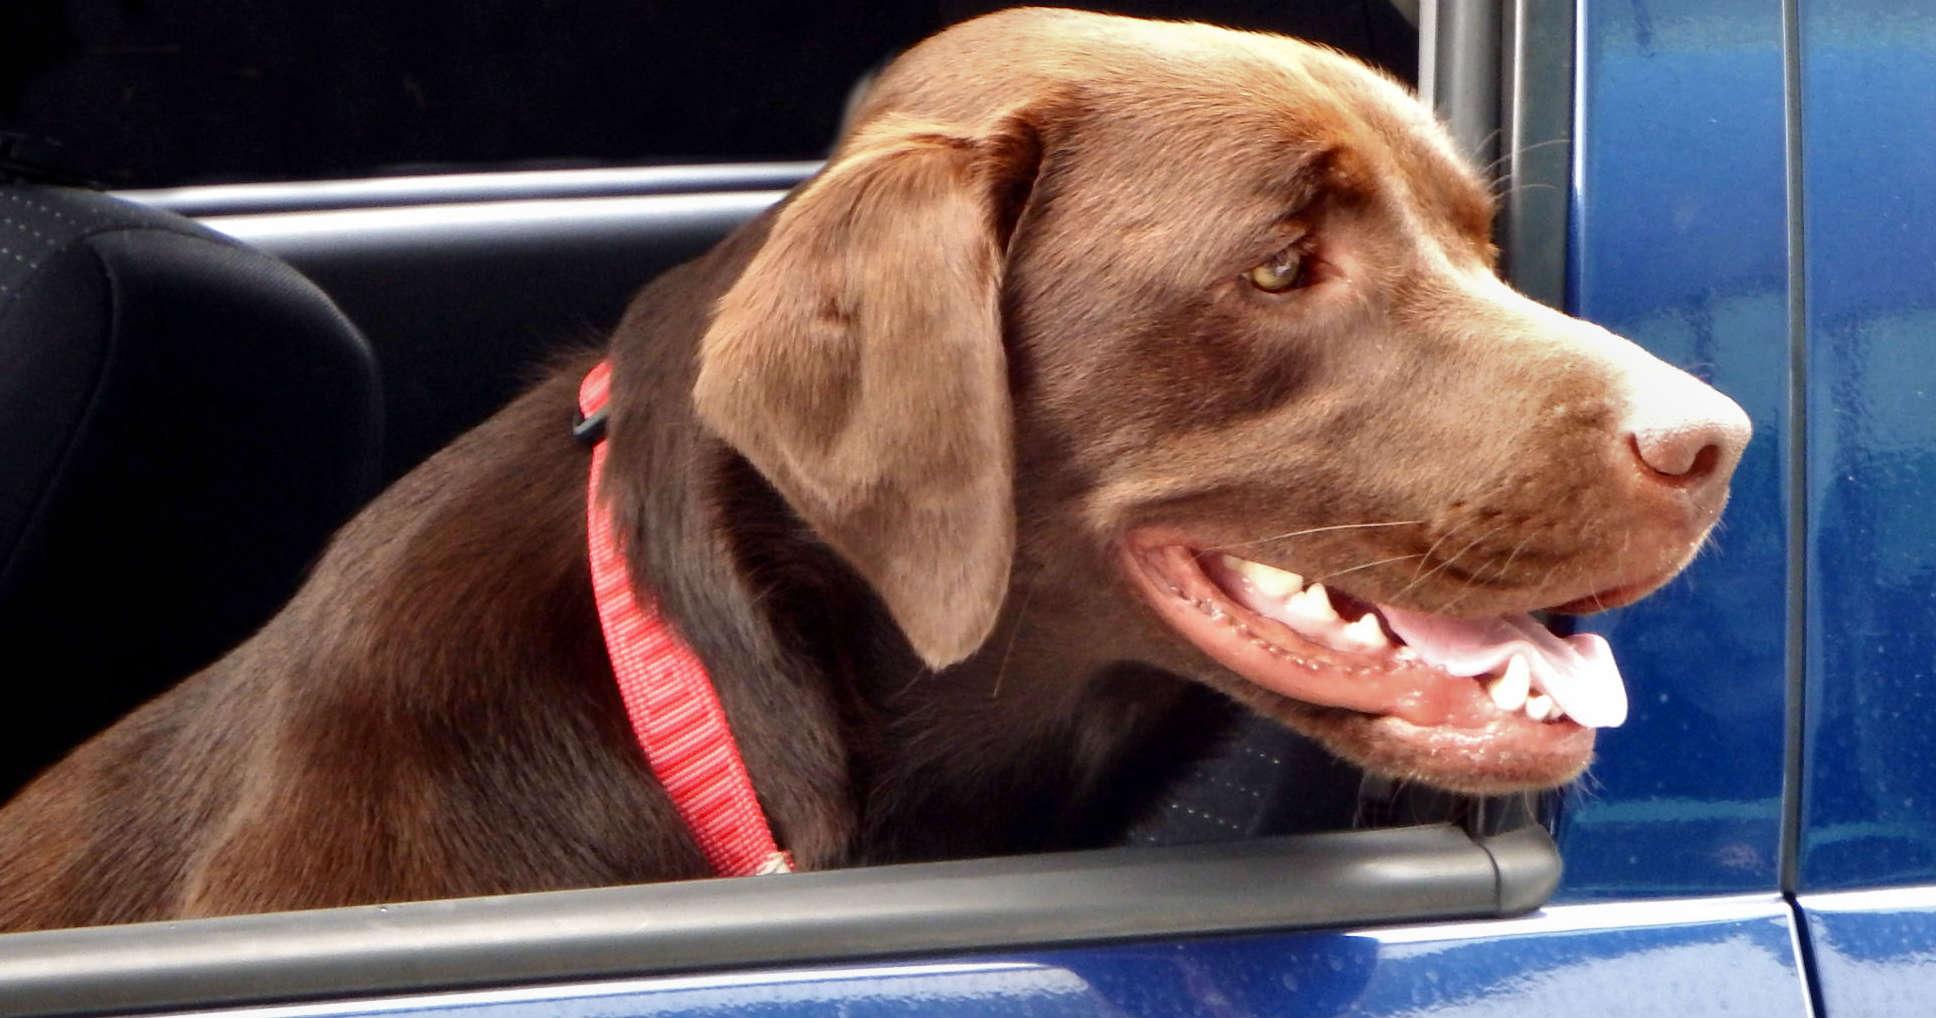 Pies w samochodzie. Fot. rgbstock.com